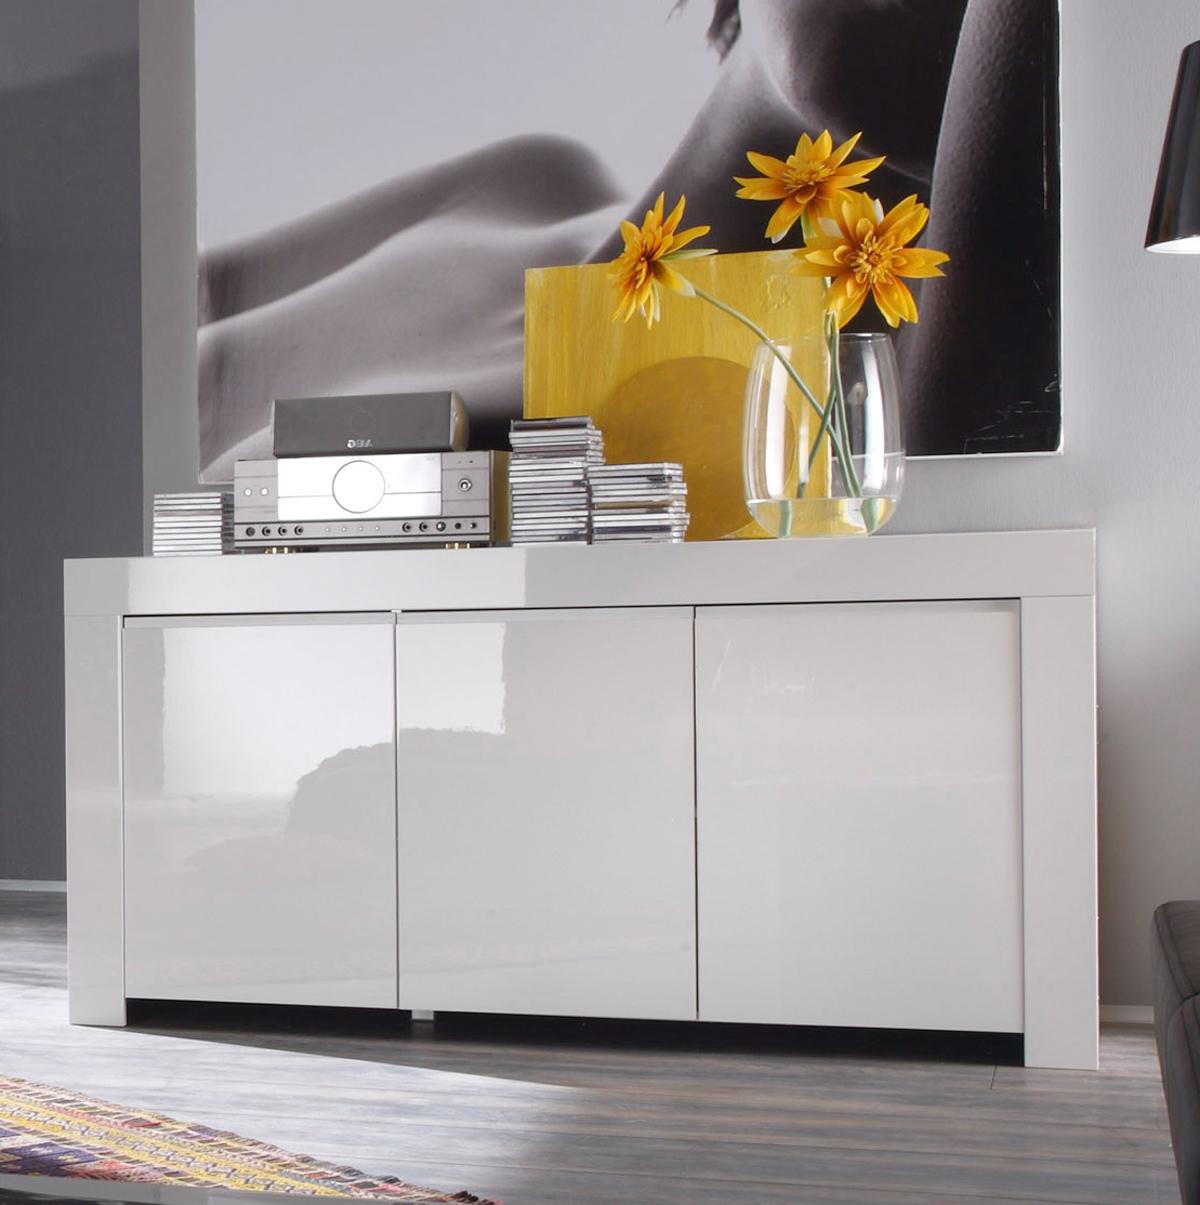 Sideboard amalfi wohnzimmer anrichte schrank wei hochglanz lackiert 160cm ebay - Wohnzimmer anrichte ...